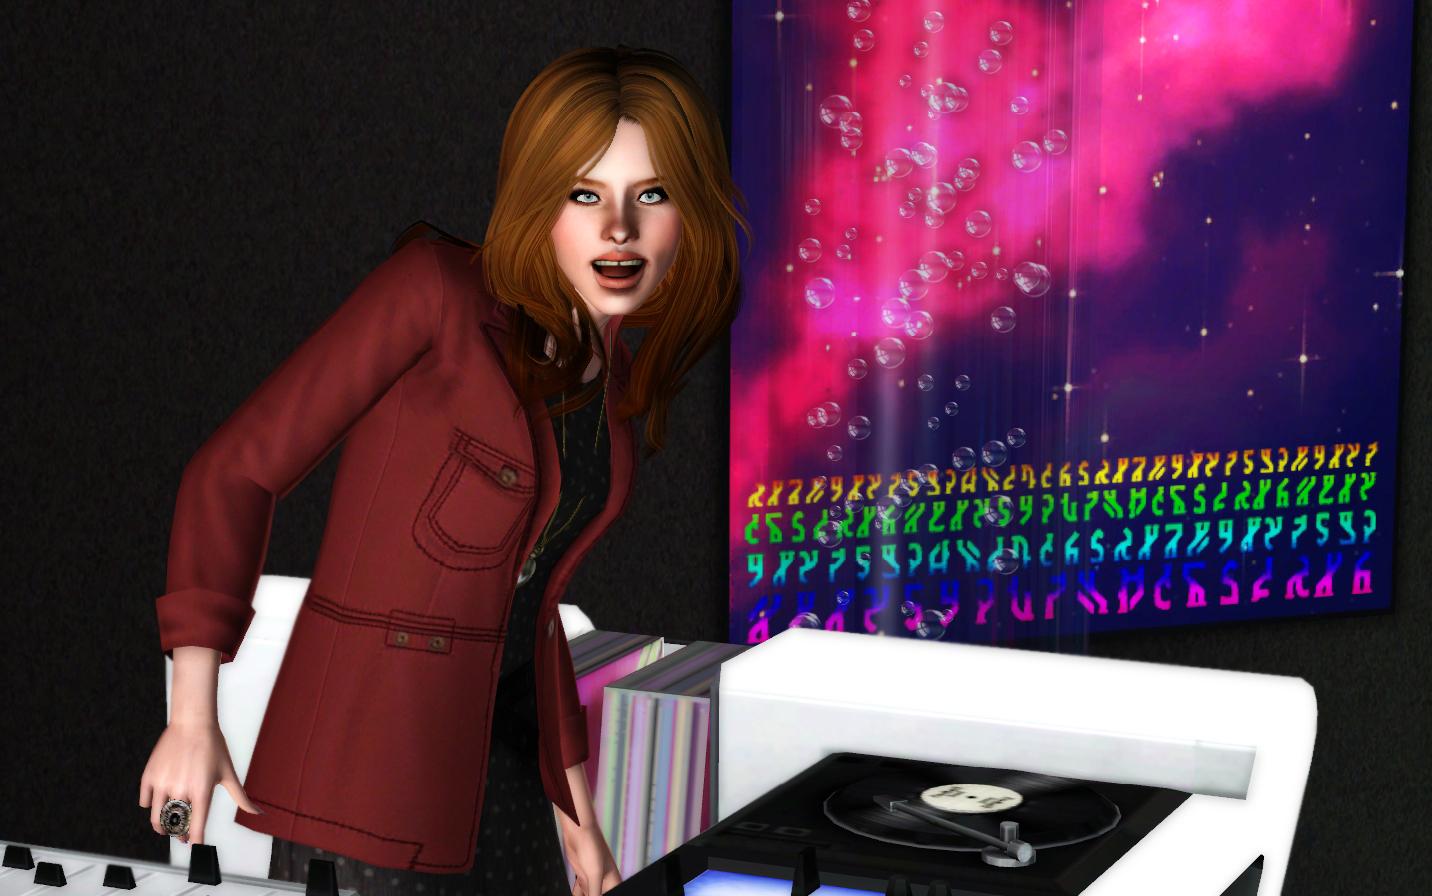 Galerie de Choute974 - Page 7 996017Screenshot516